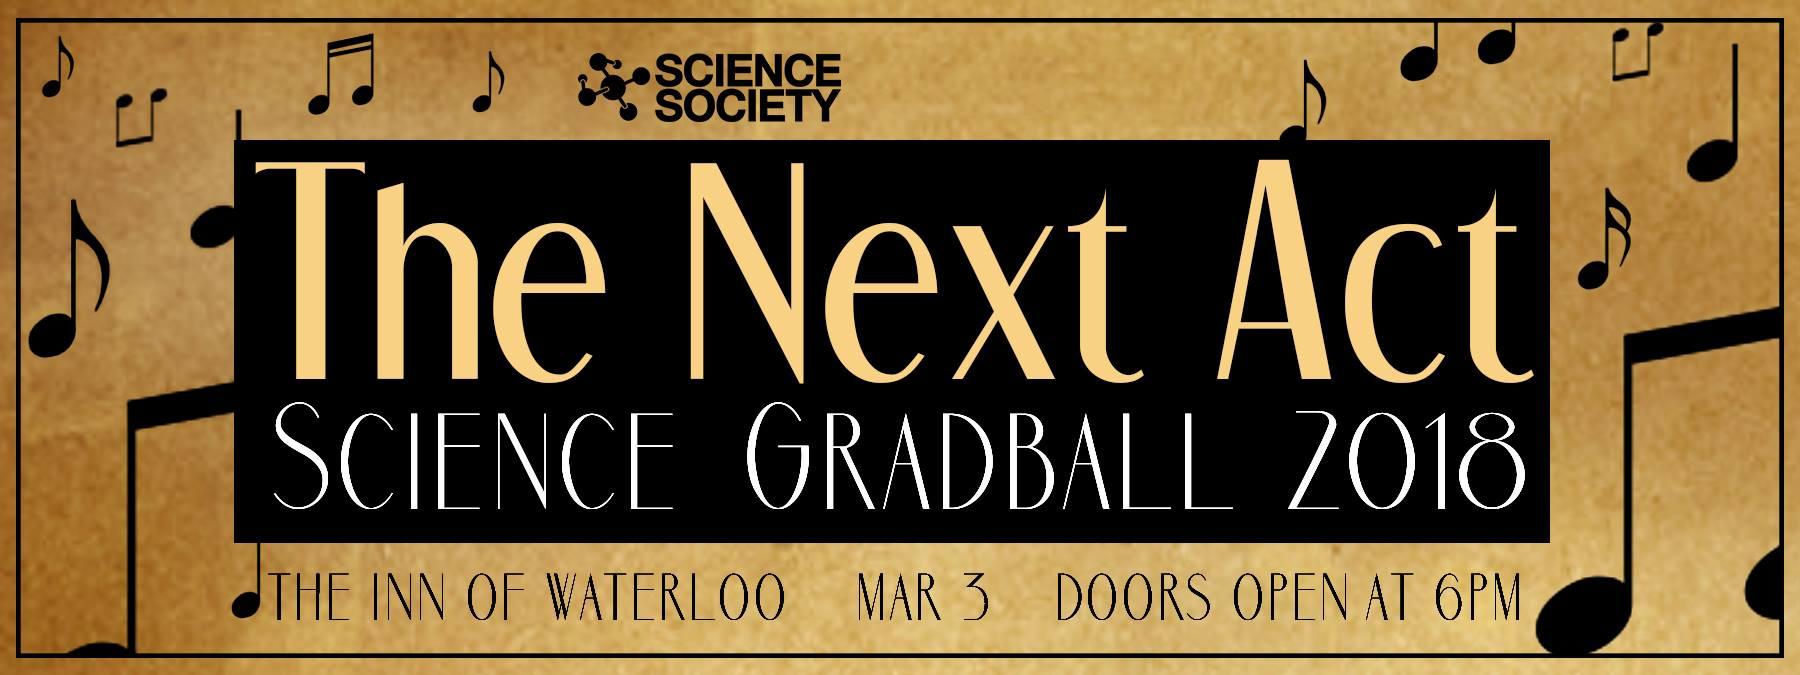 Science Society Presents GradBall 2018: The Next Act